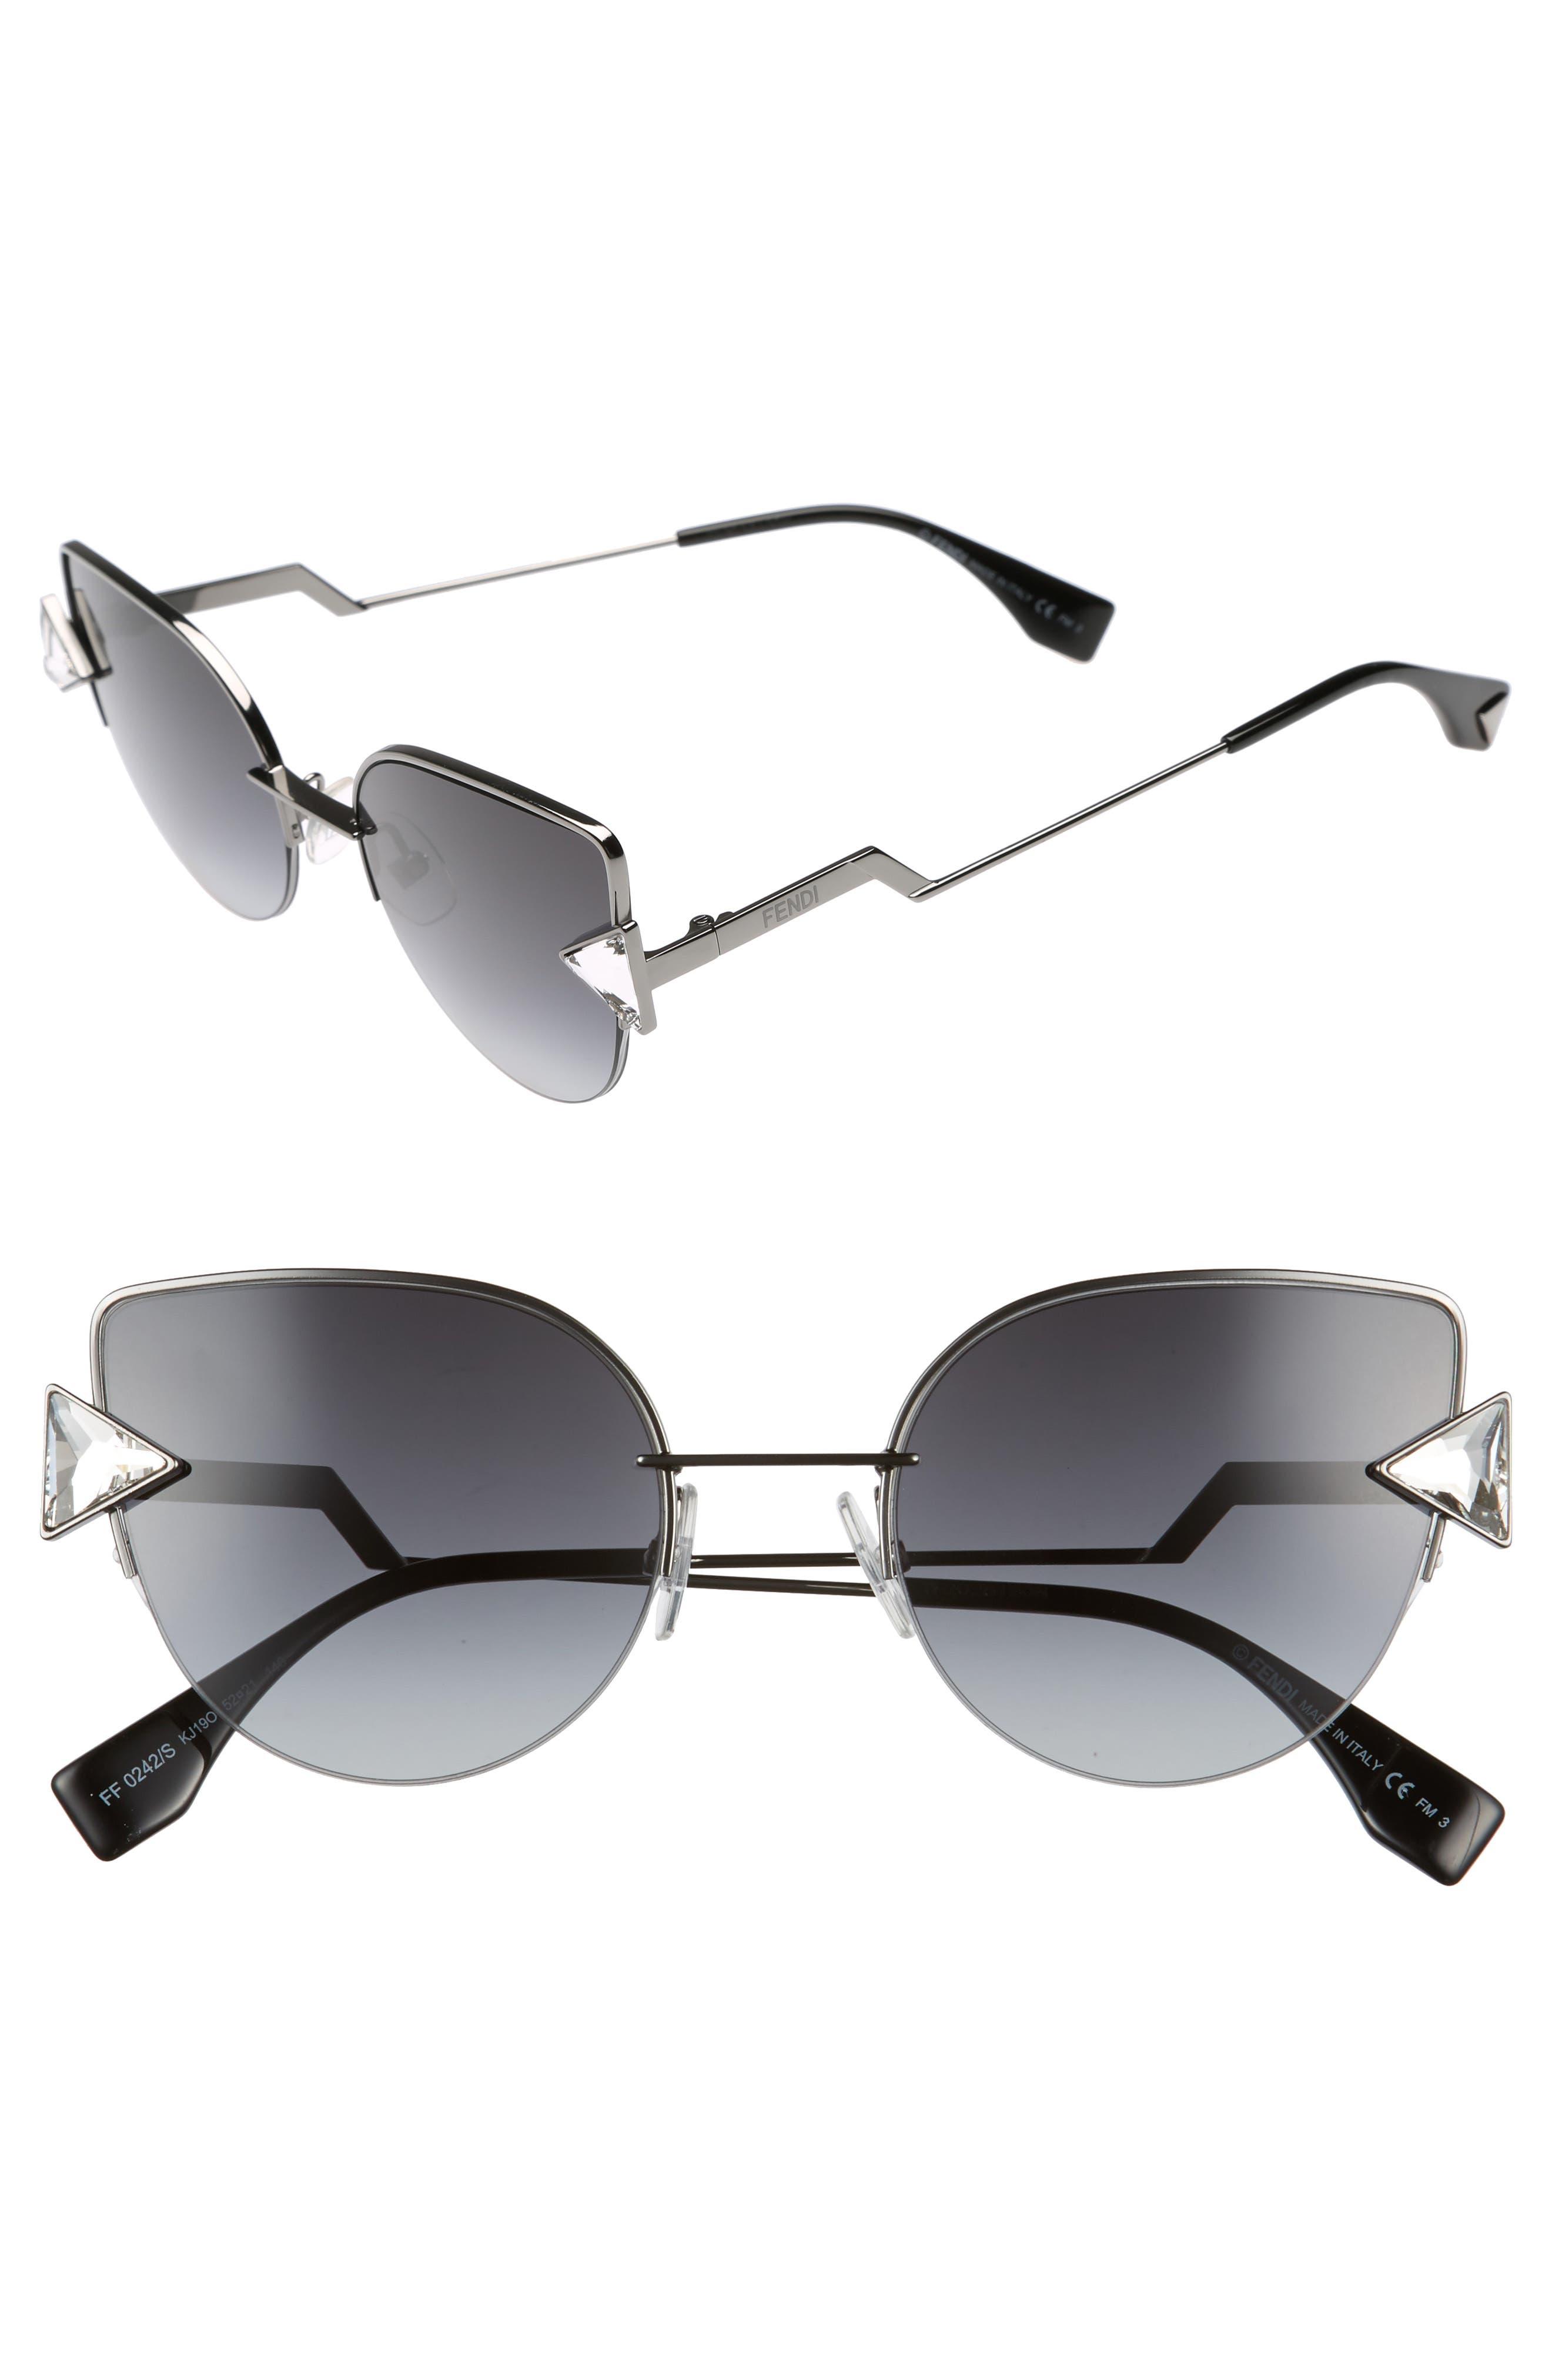 Alternate Image 1 Selected - Fendi Rainbow 52mm Semi-Rimless Sunglasses